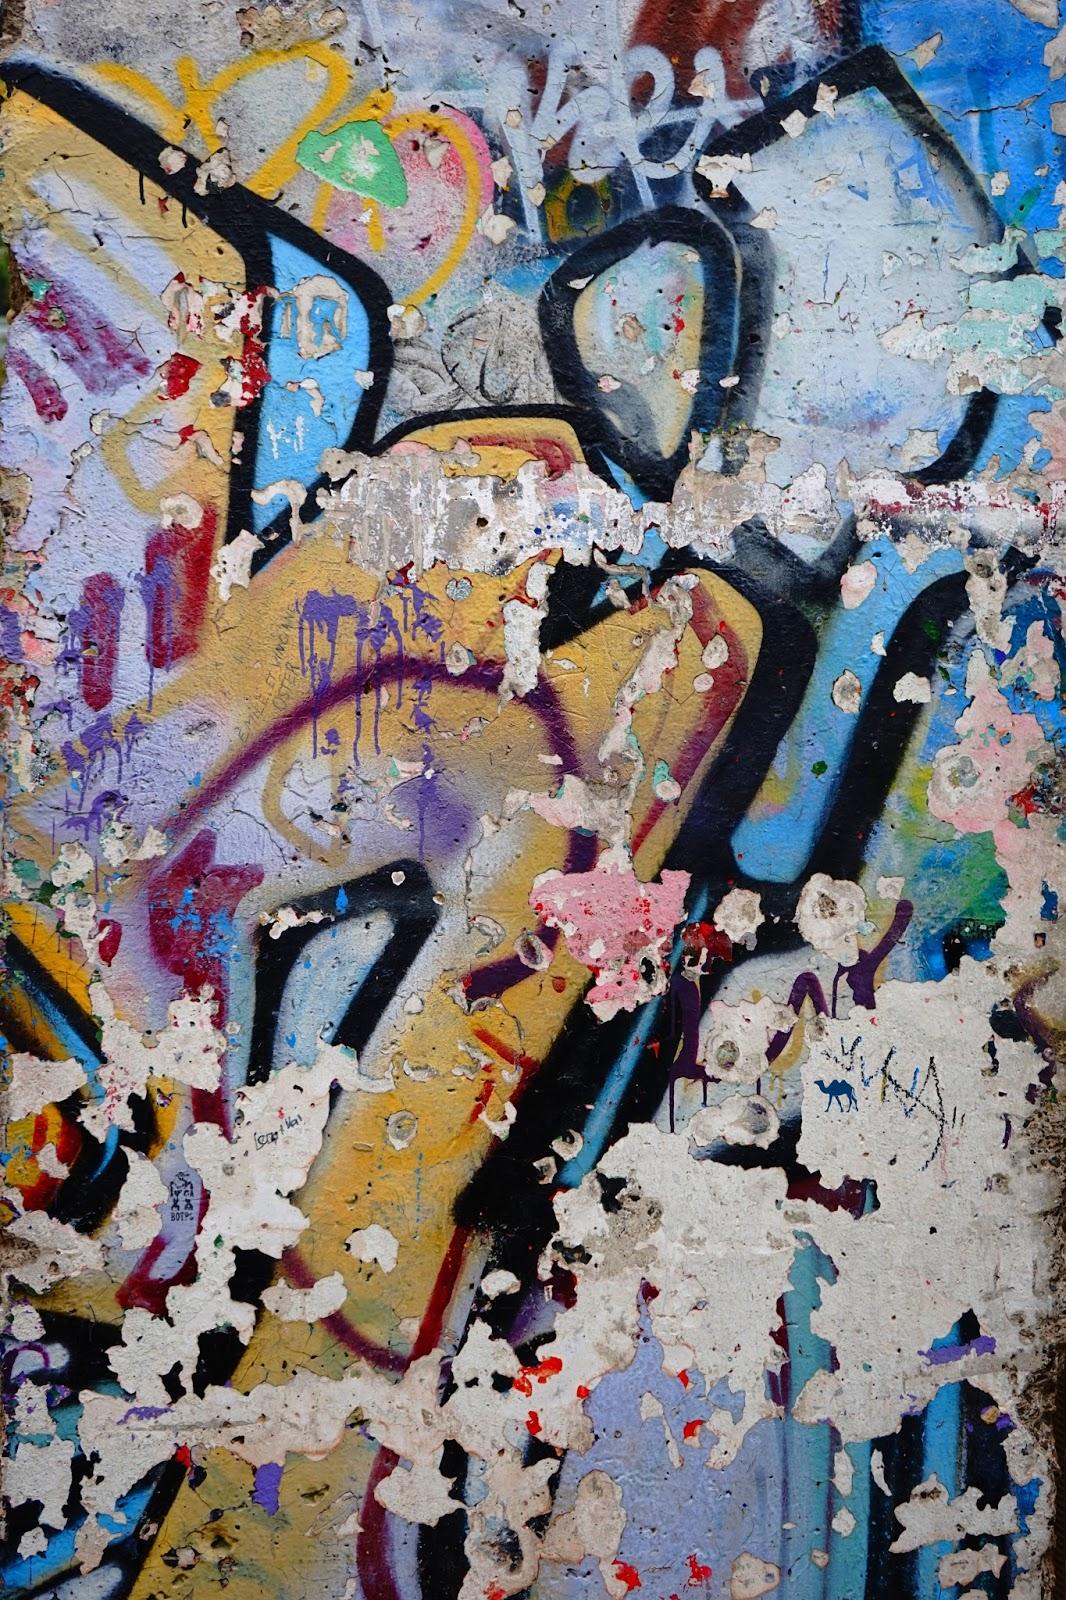 Le Chameau Bleu - Mur de Berlin